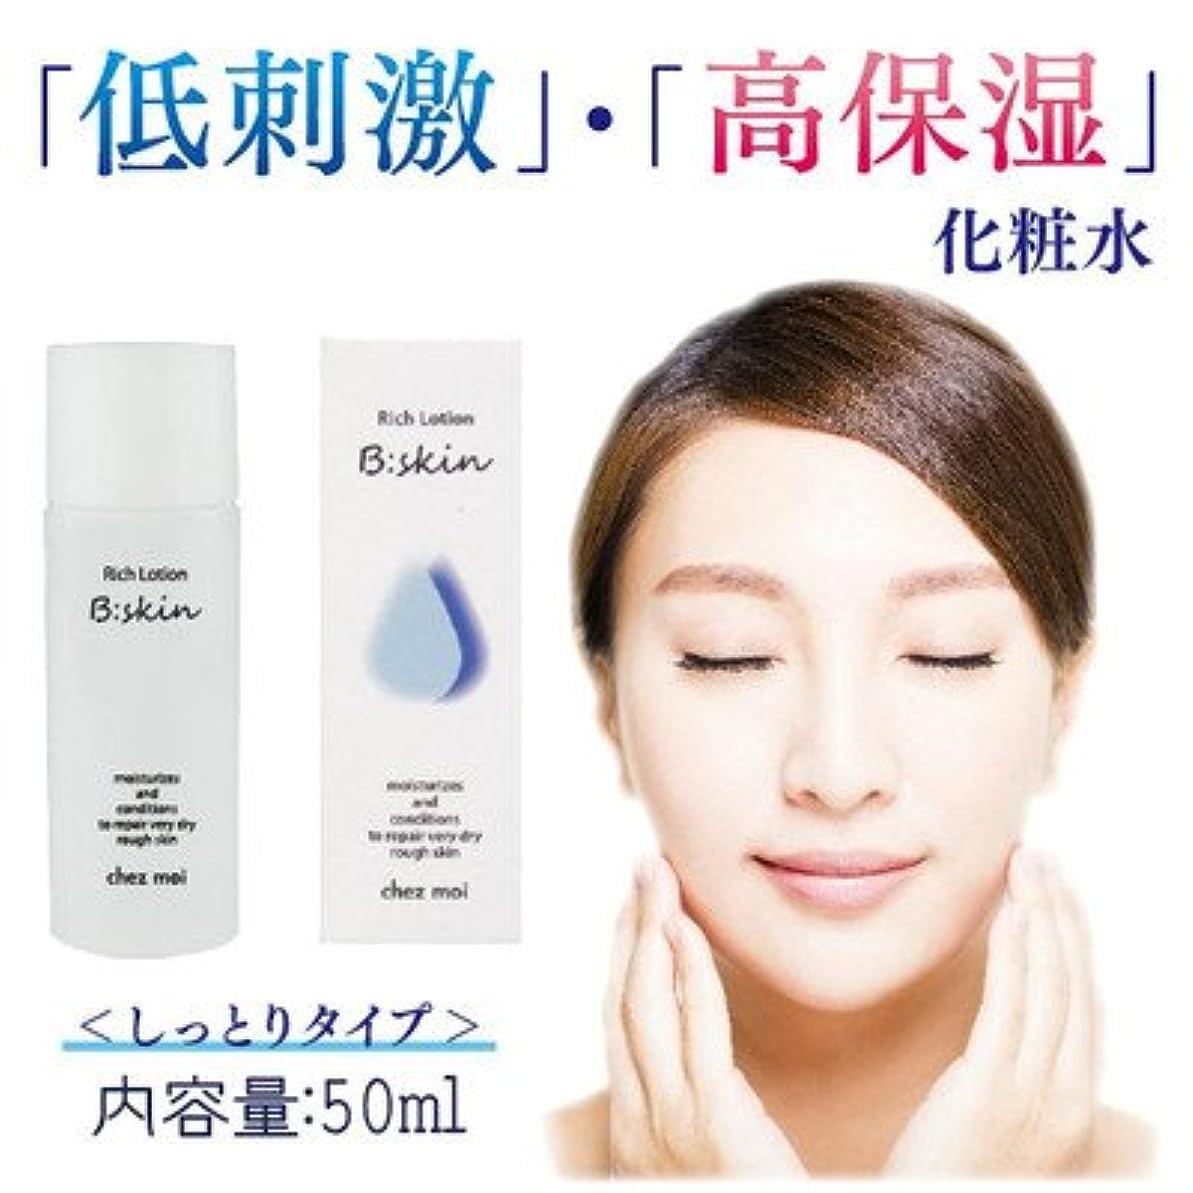 資本主義むき出し回想低刺激 高保湿 しっとりタイプの化粧水 B:skin ビースキン Rich Lotion リッチローション しっとりタイプ 化粧水 50mL